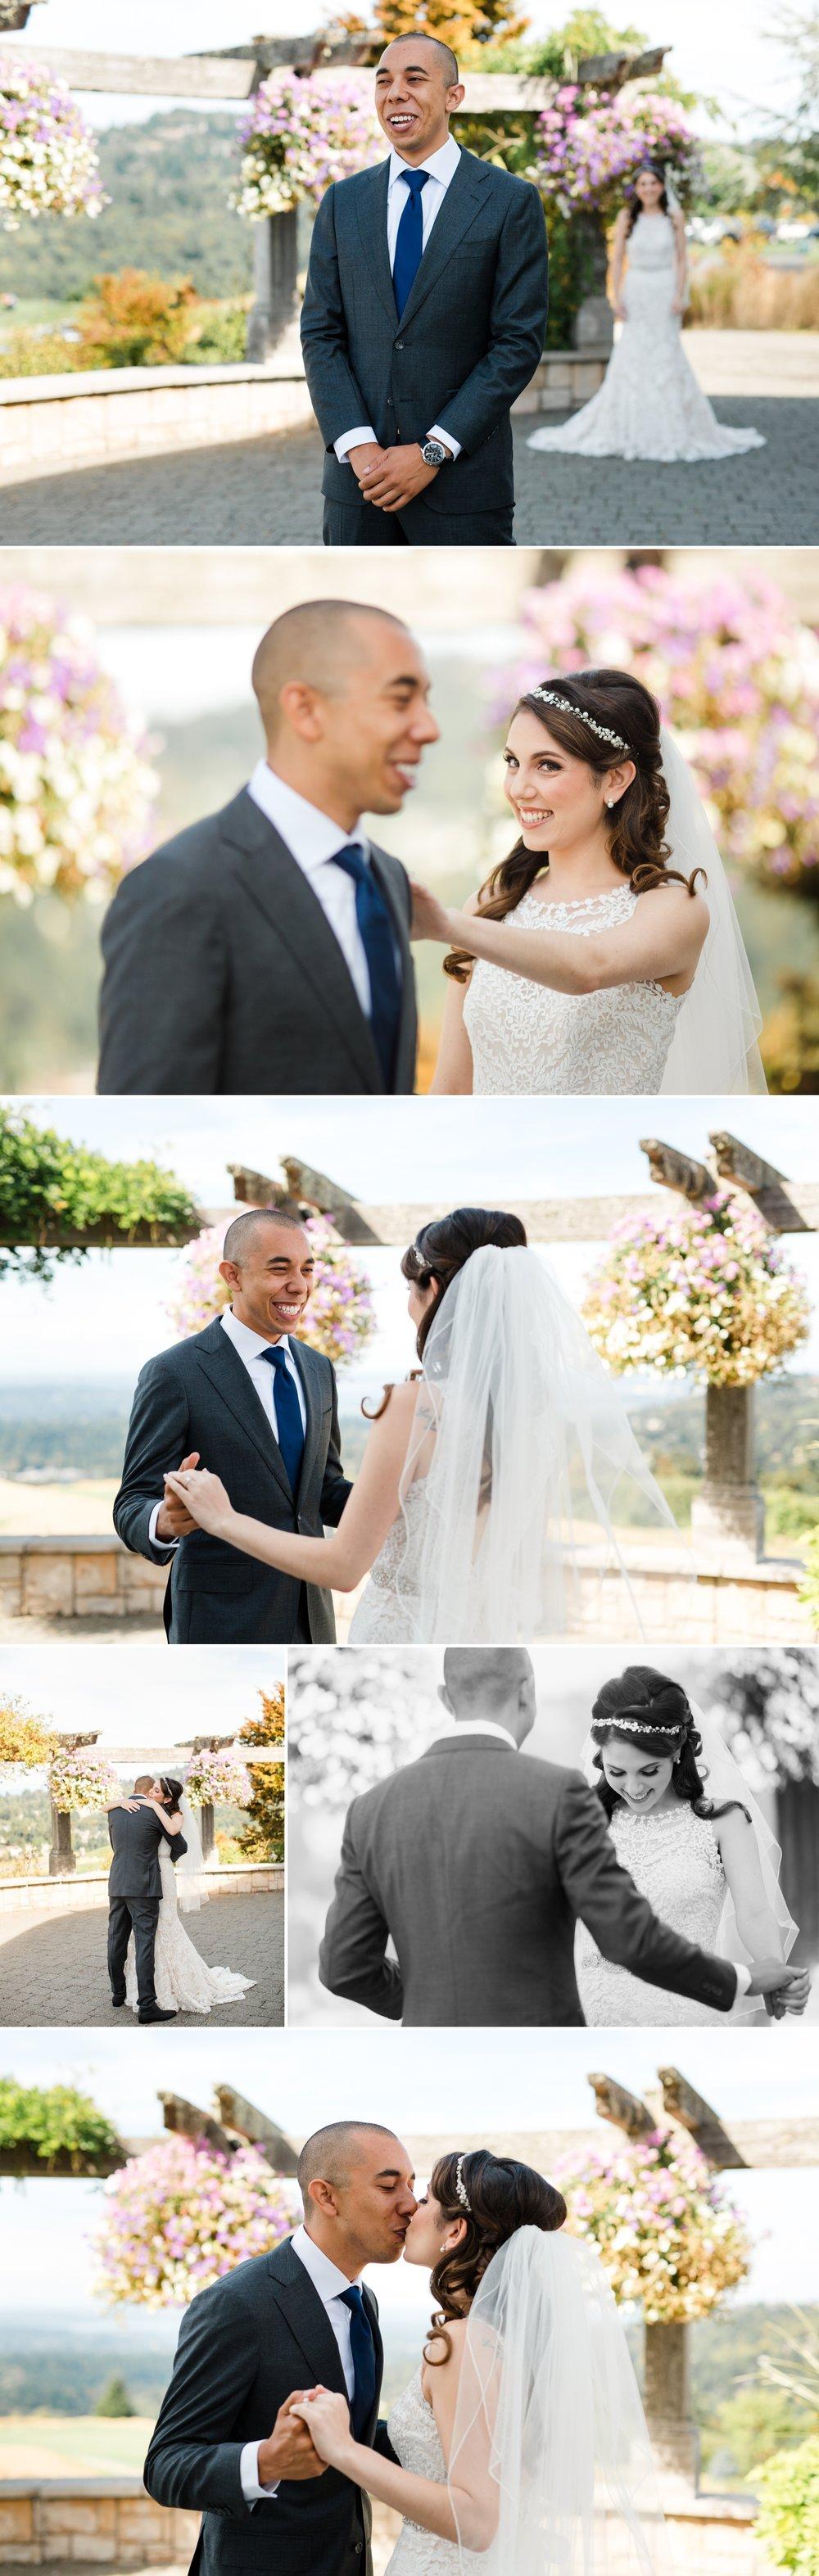 13-seattle-wedding-first-look-newcastle-golf-club.jpg